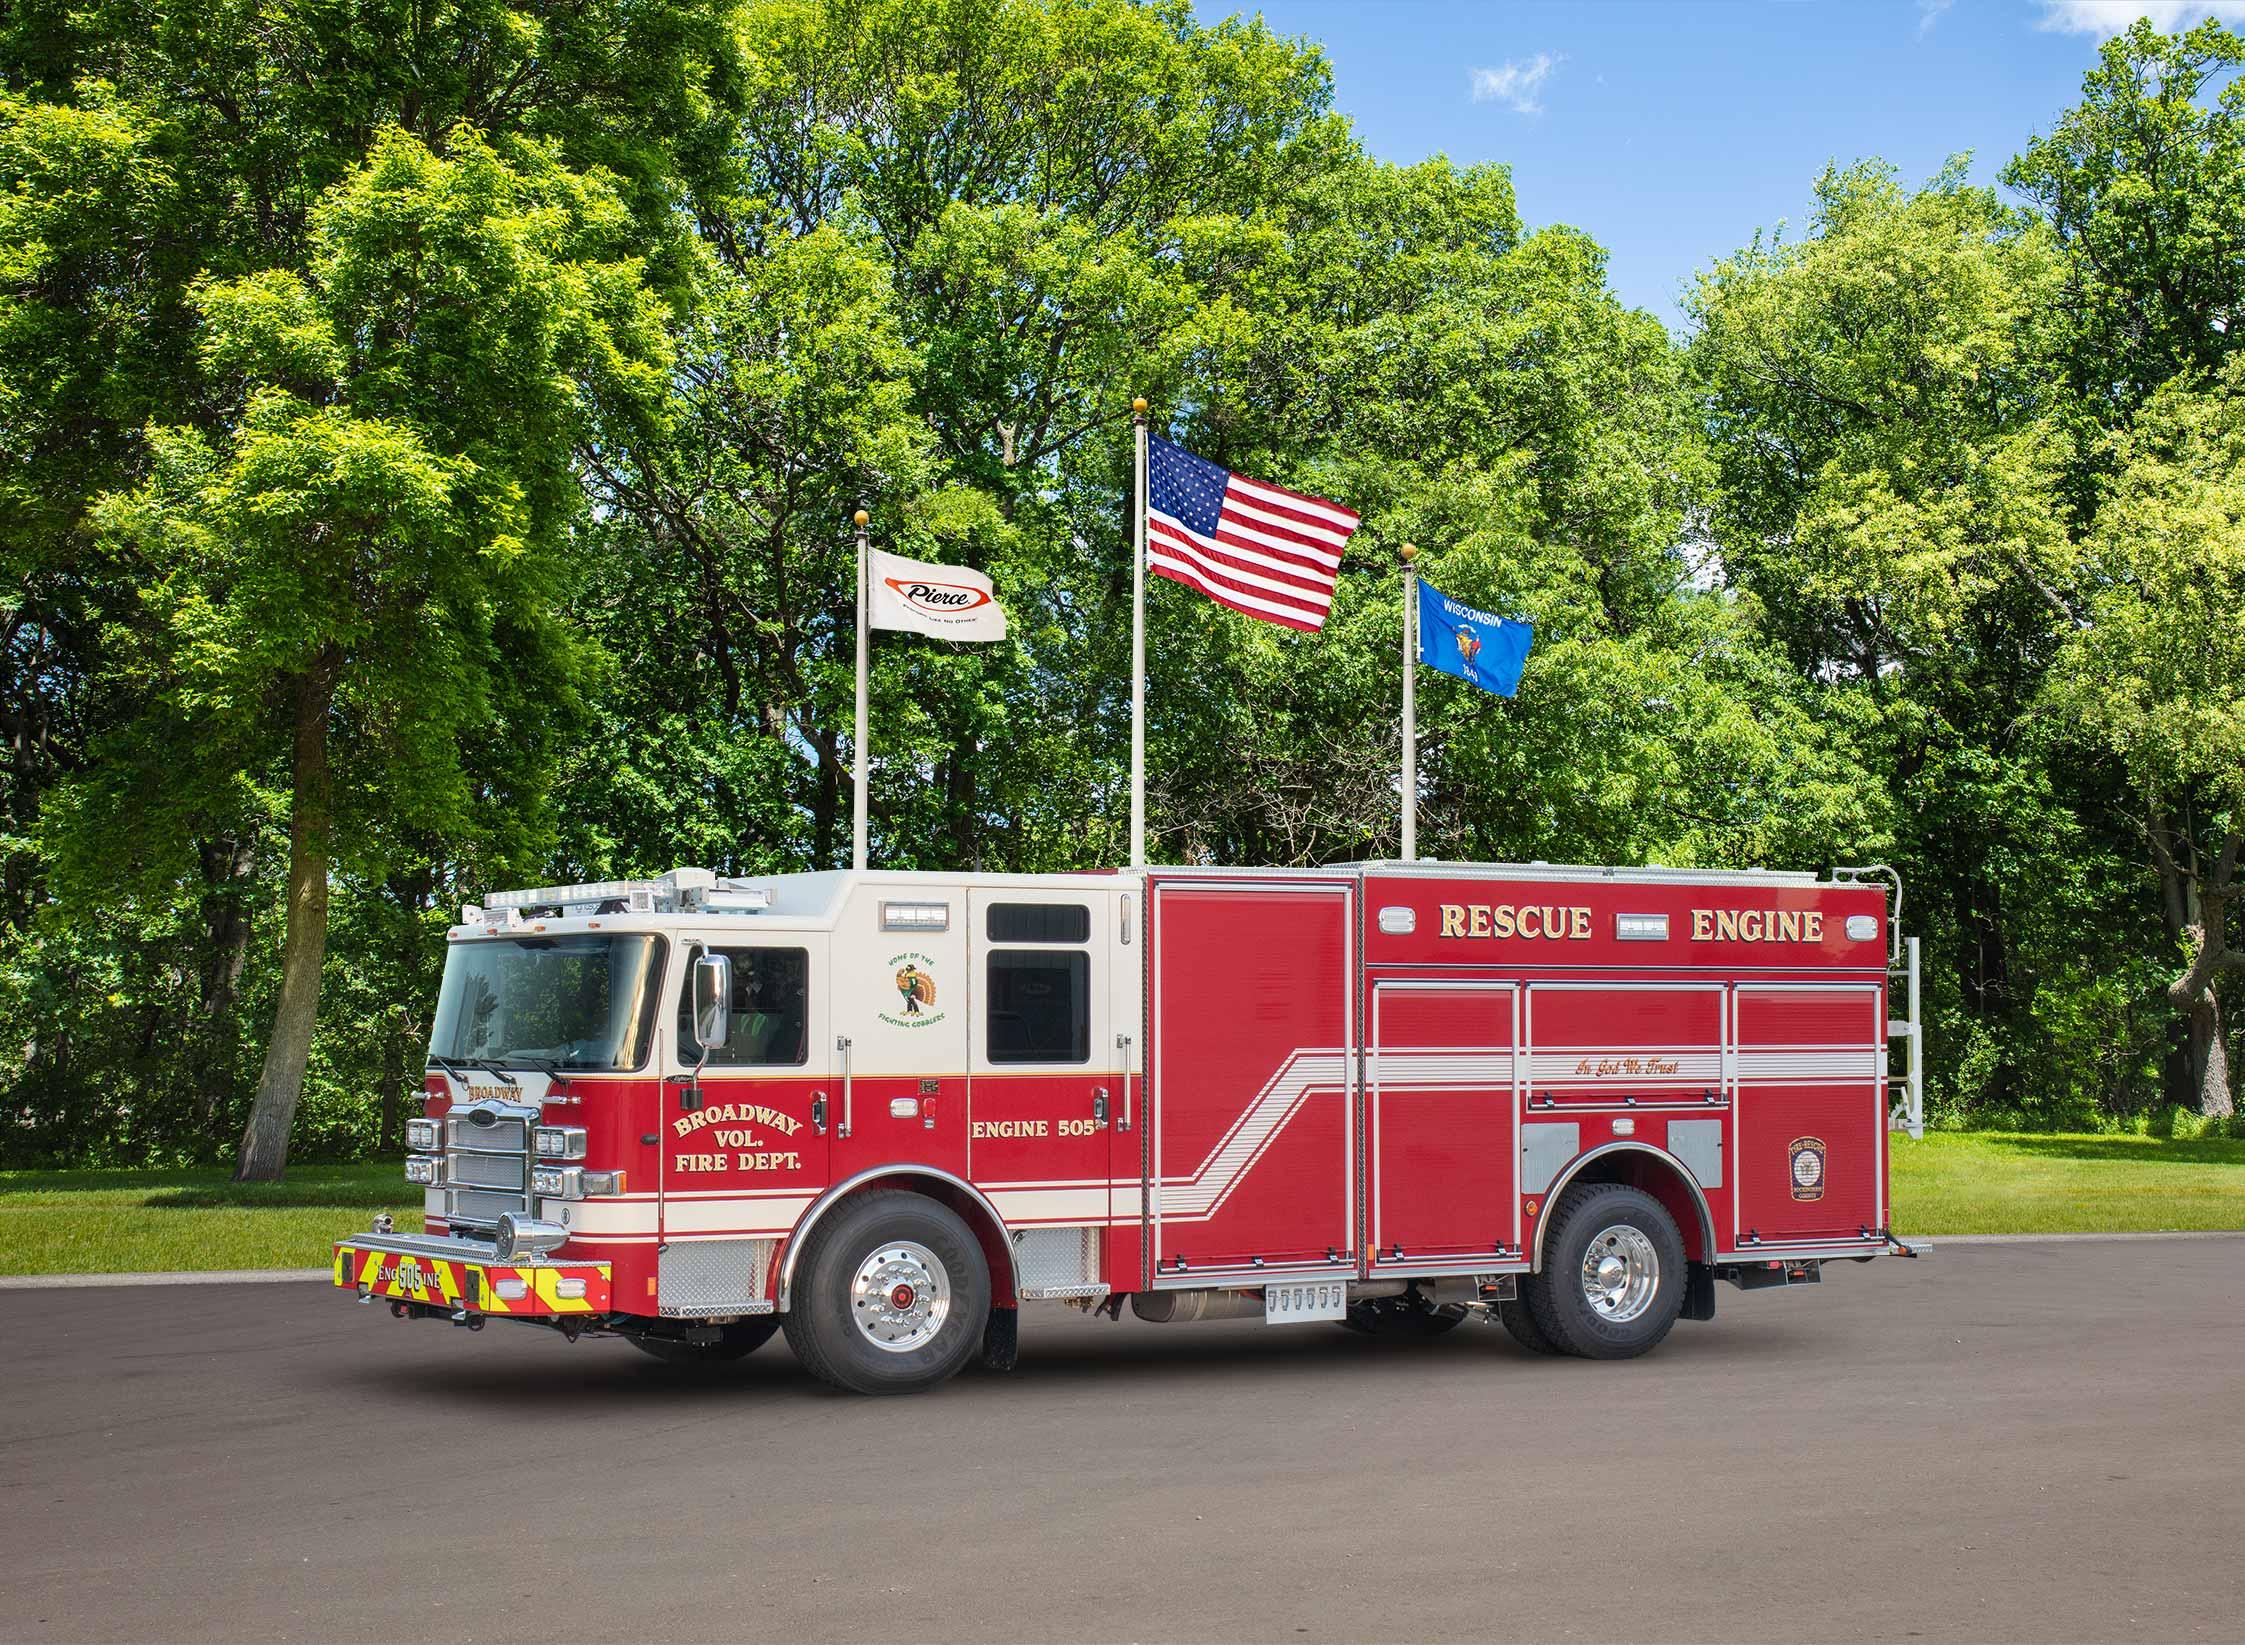 Broadway Volunteer Fire Department - Pumper